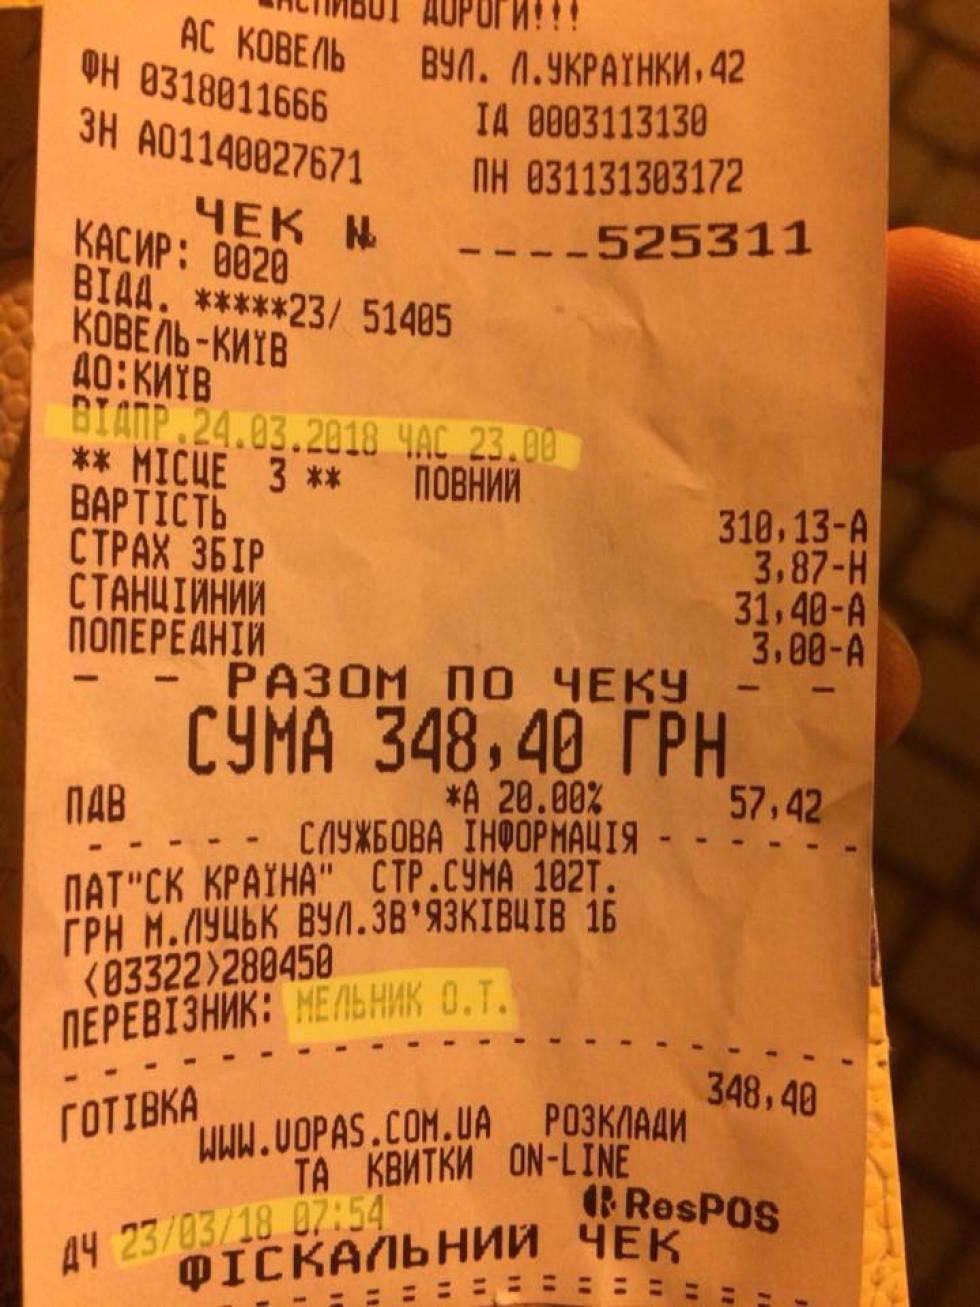 Квиток на автобус «Варшава - Київ»